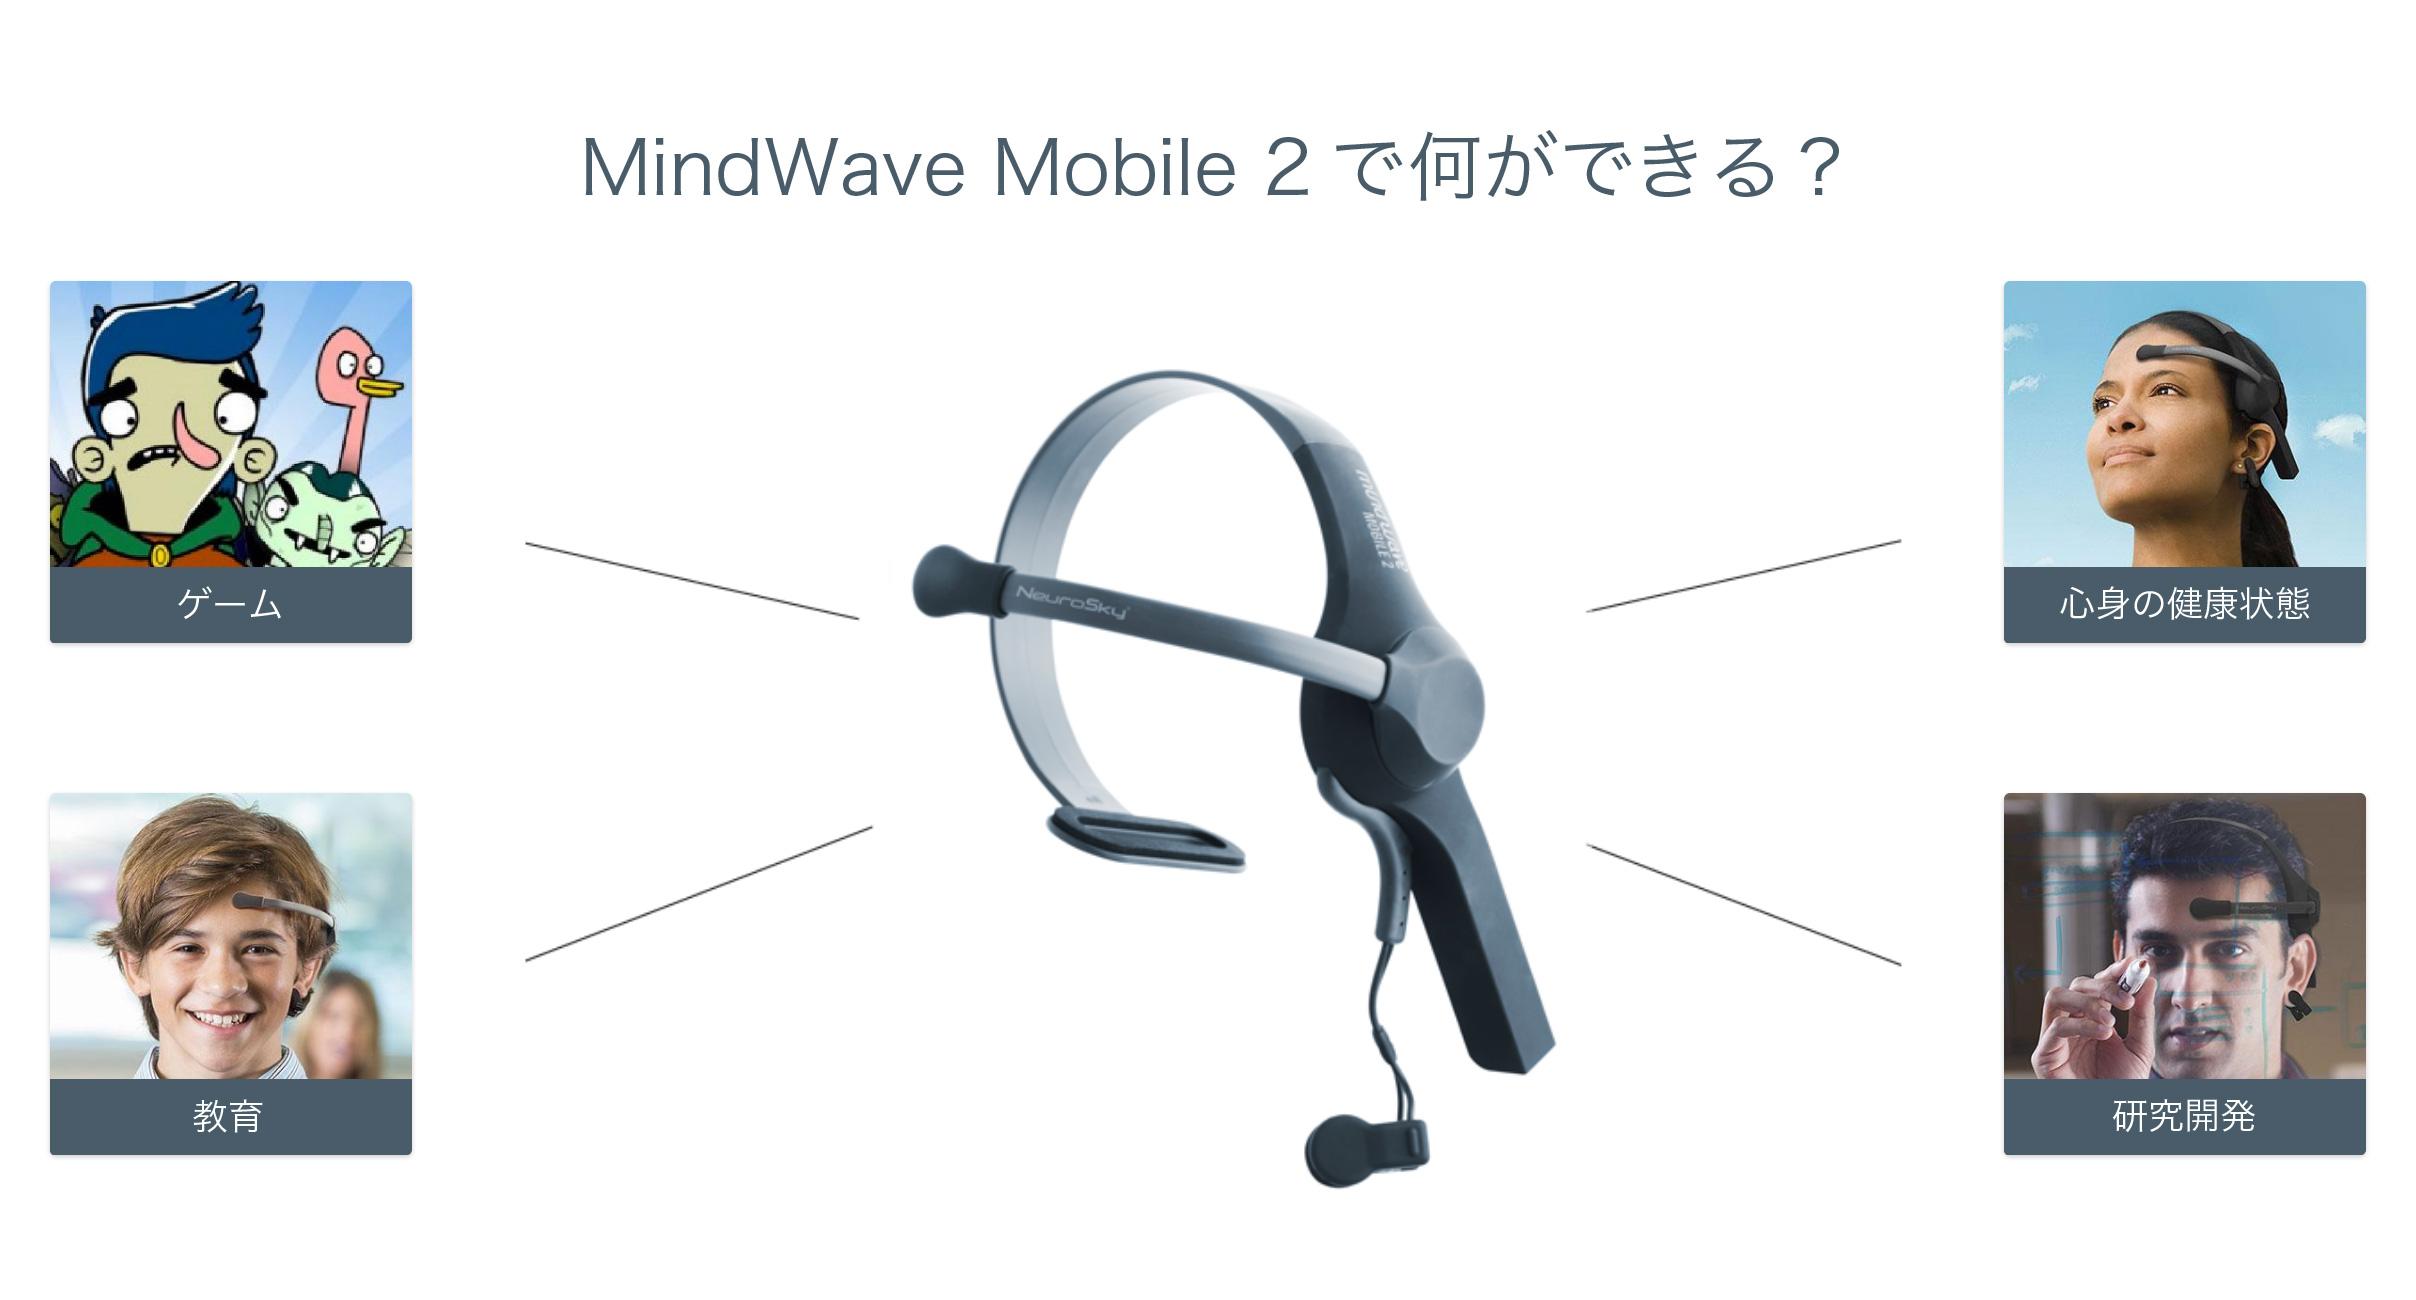 MindWave Mobile2 で何ができる?